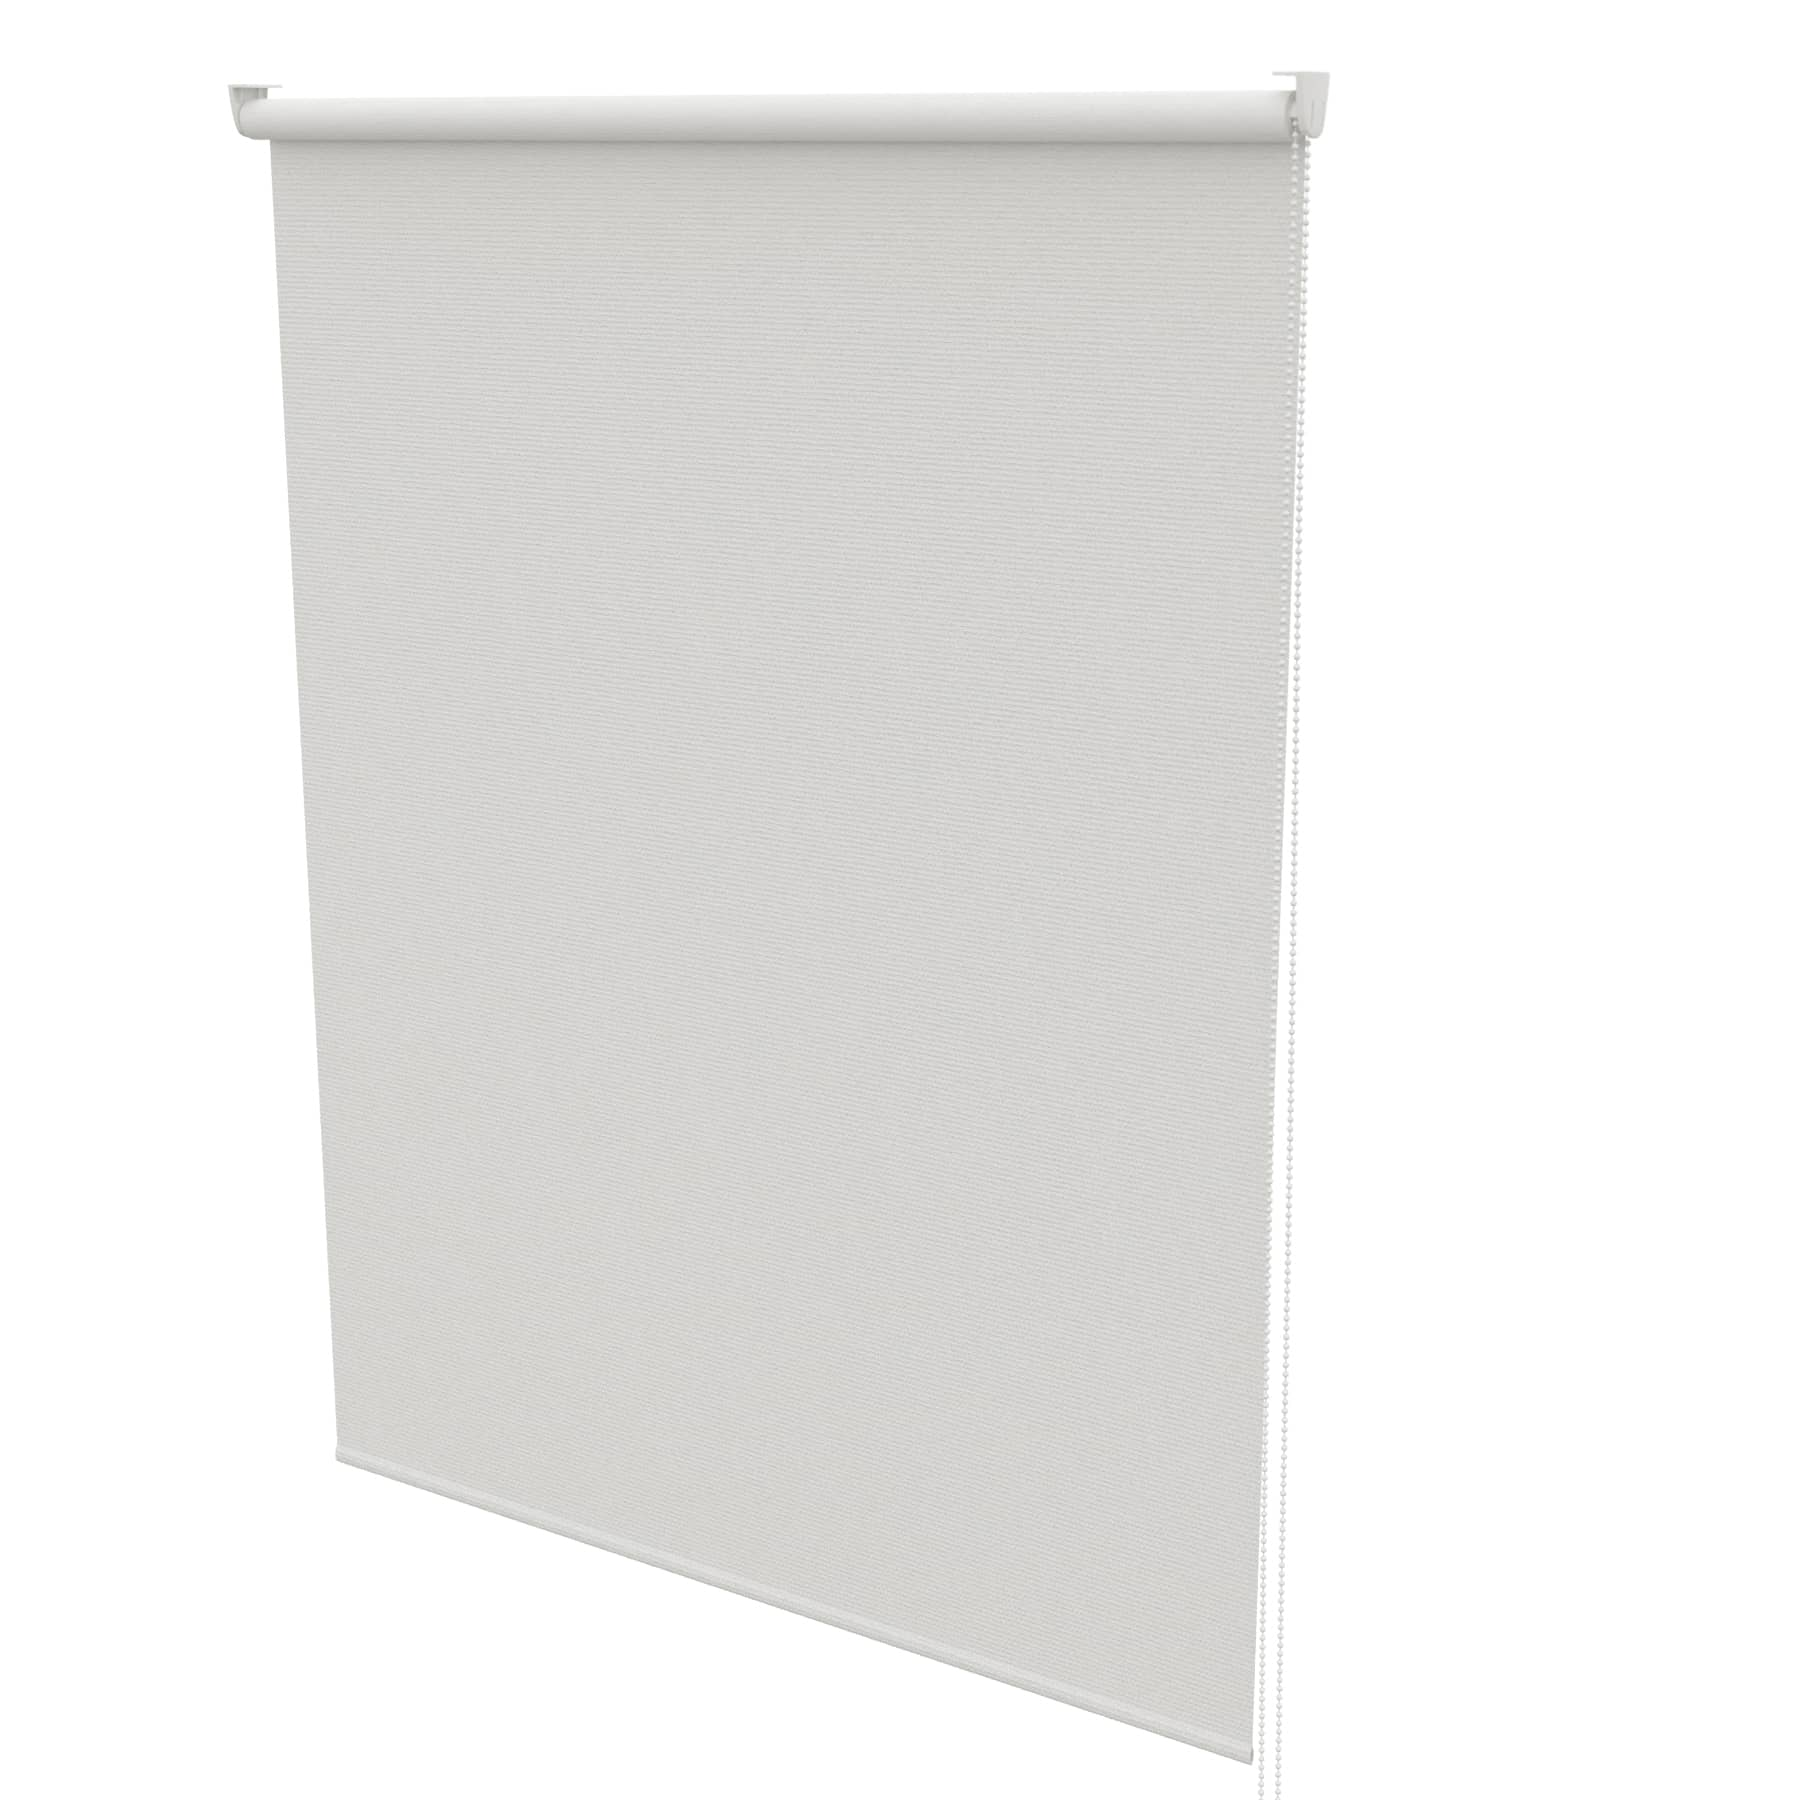 4Goodz Rolgordijn Lichtdoorlatend Easy 45x180 cm - Wit